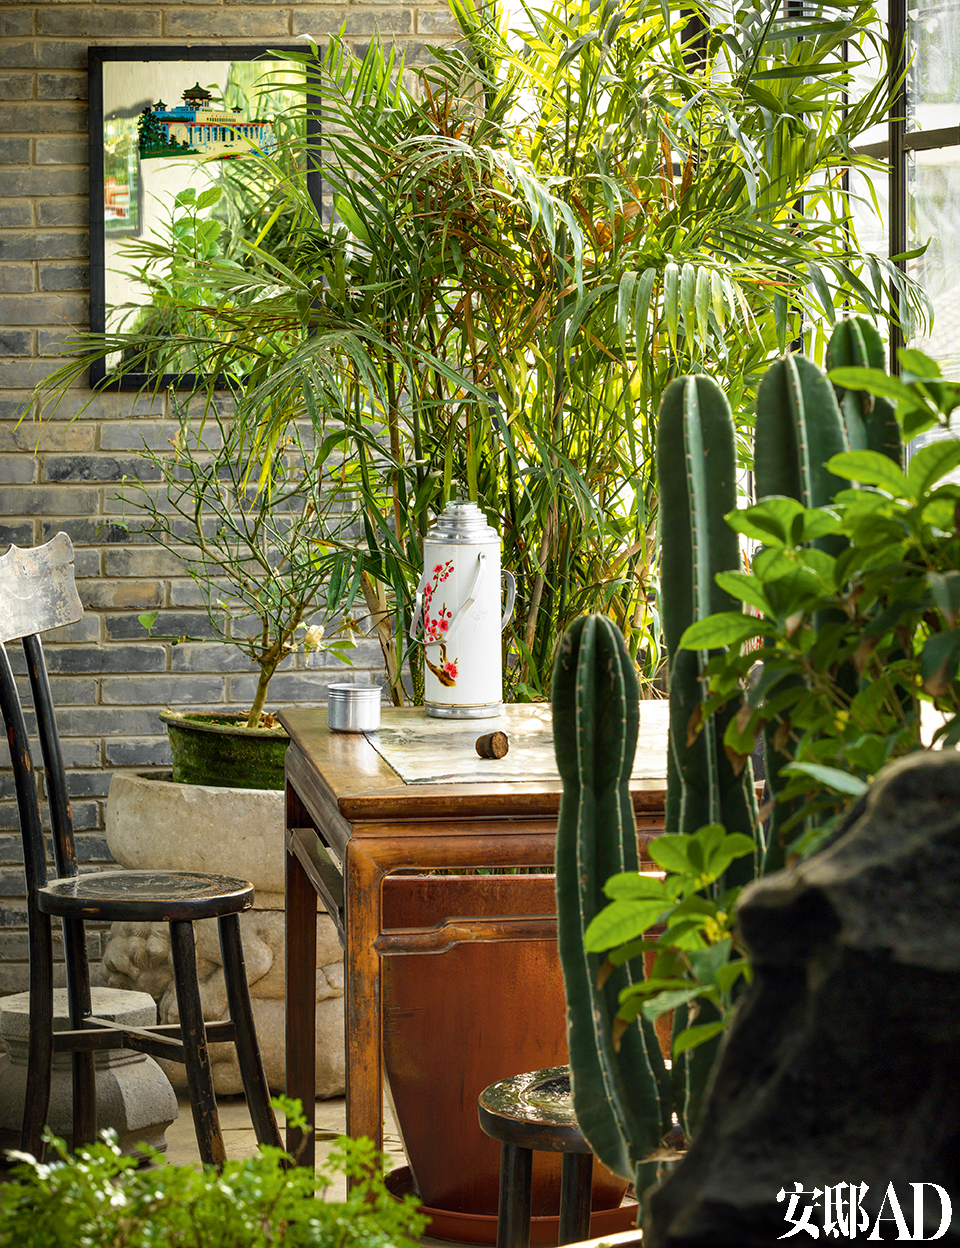 一层厨房的空间比较小,石质桌面的红木餐桌被摆放在阳台上,坐在这里喝茶倒也惬意。